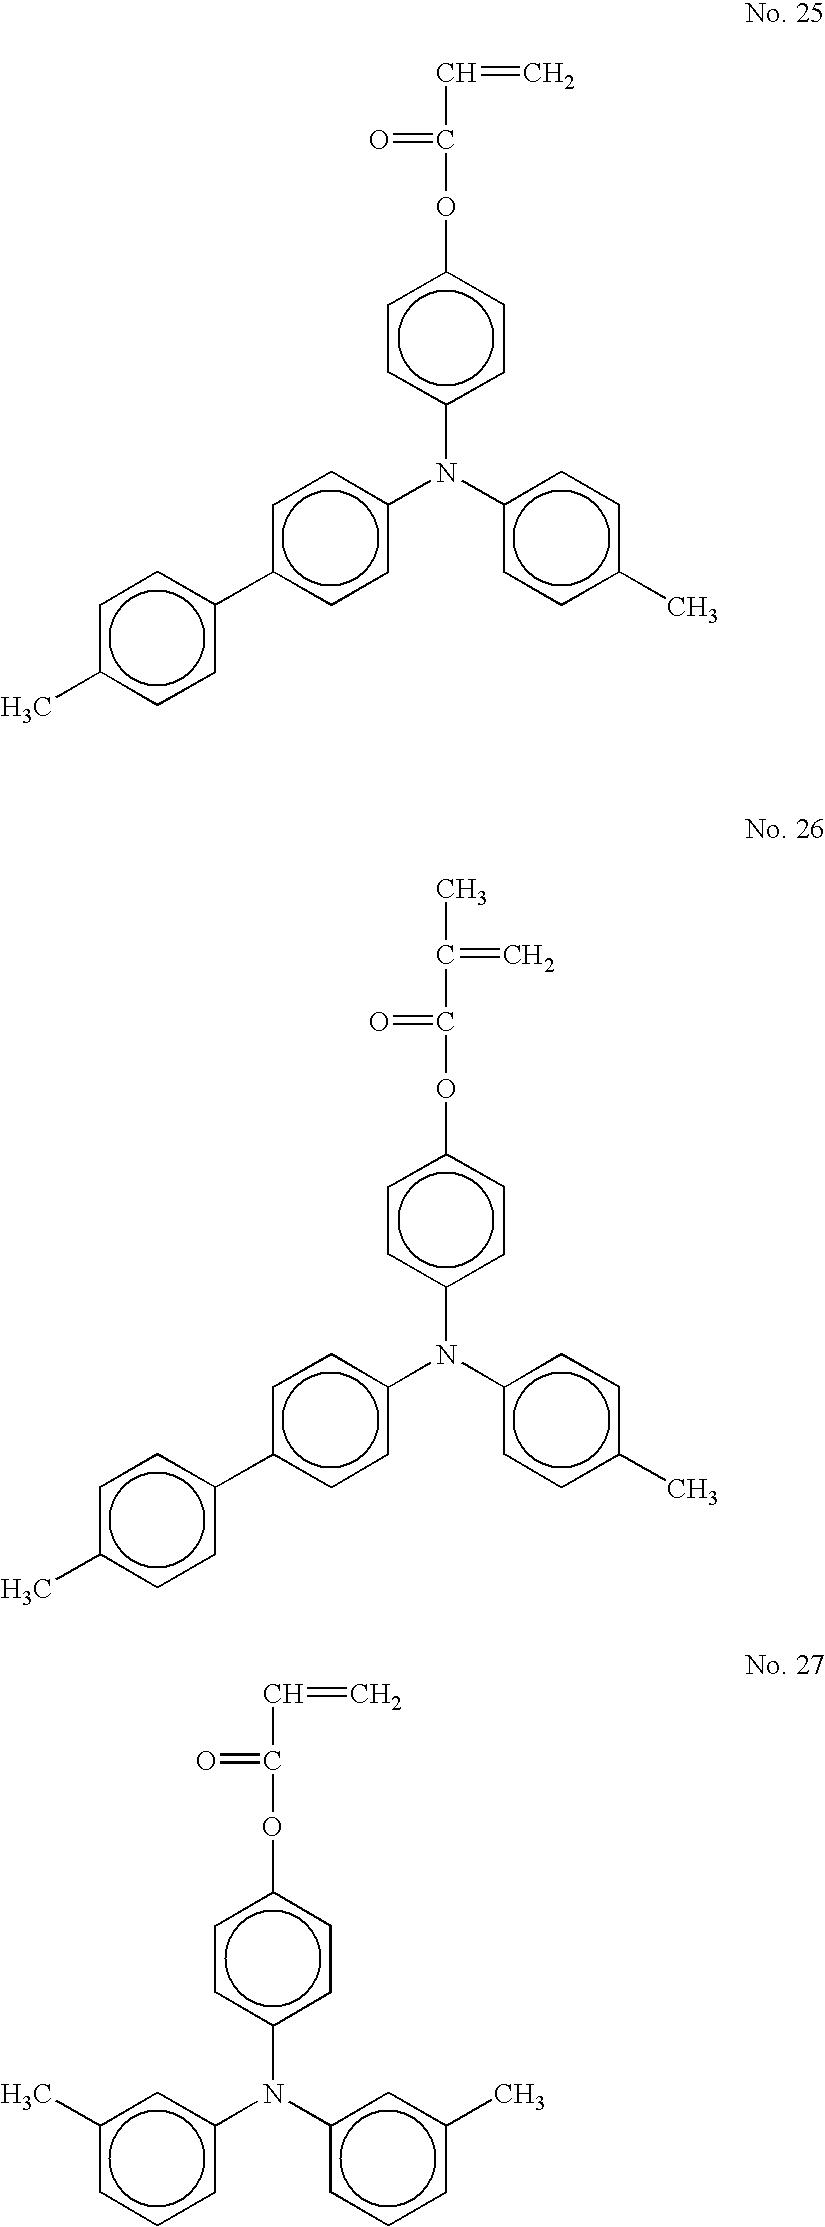 Figure US20060177749A1-20060810-C00025